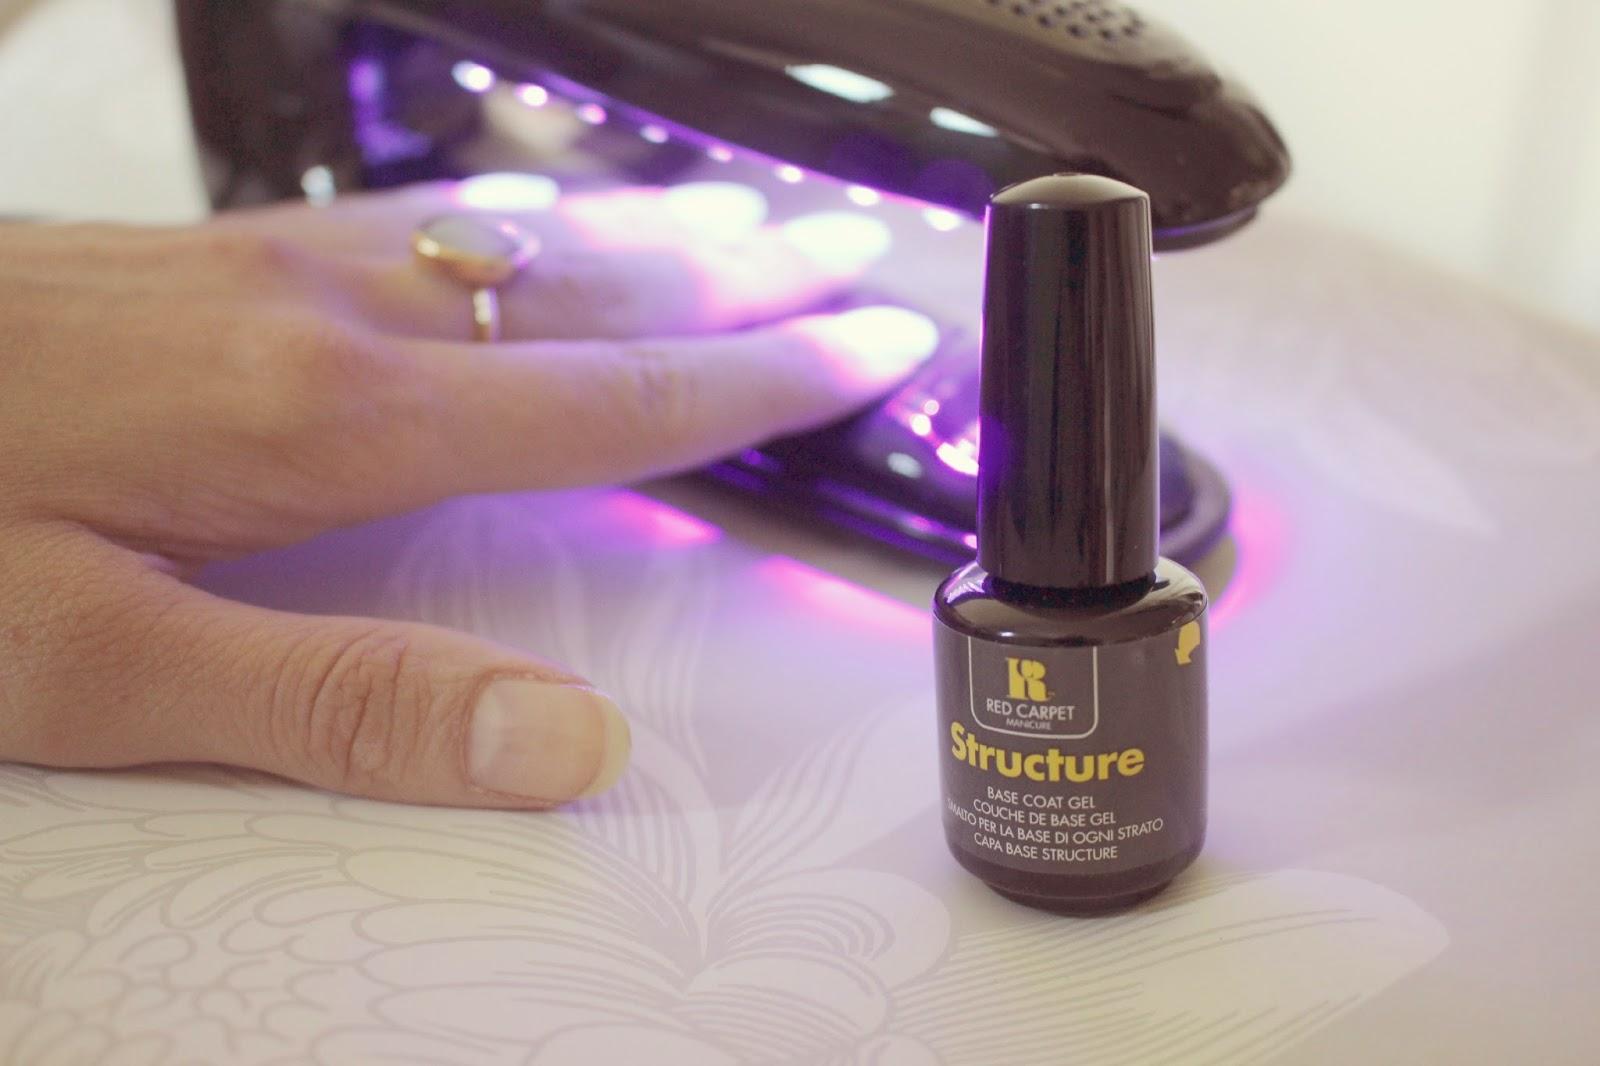 Как покрыть ногти гель лаком в домашних условиях